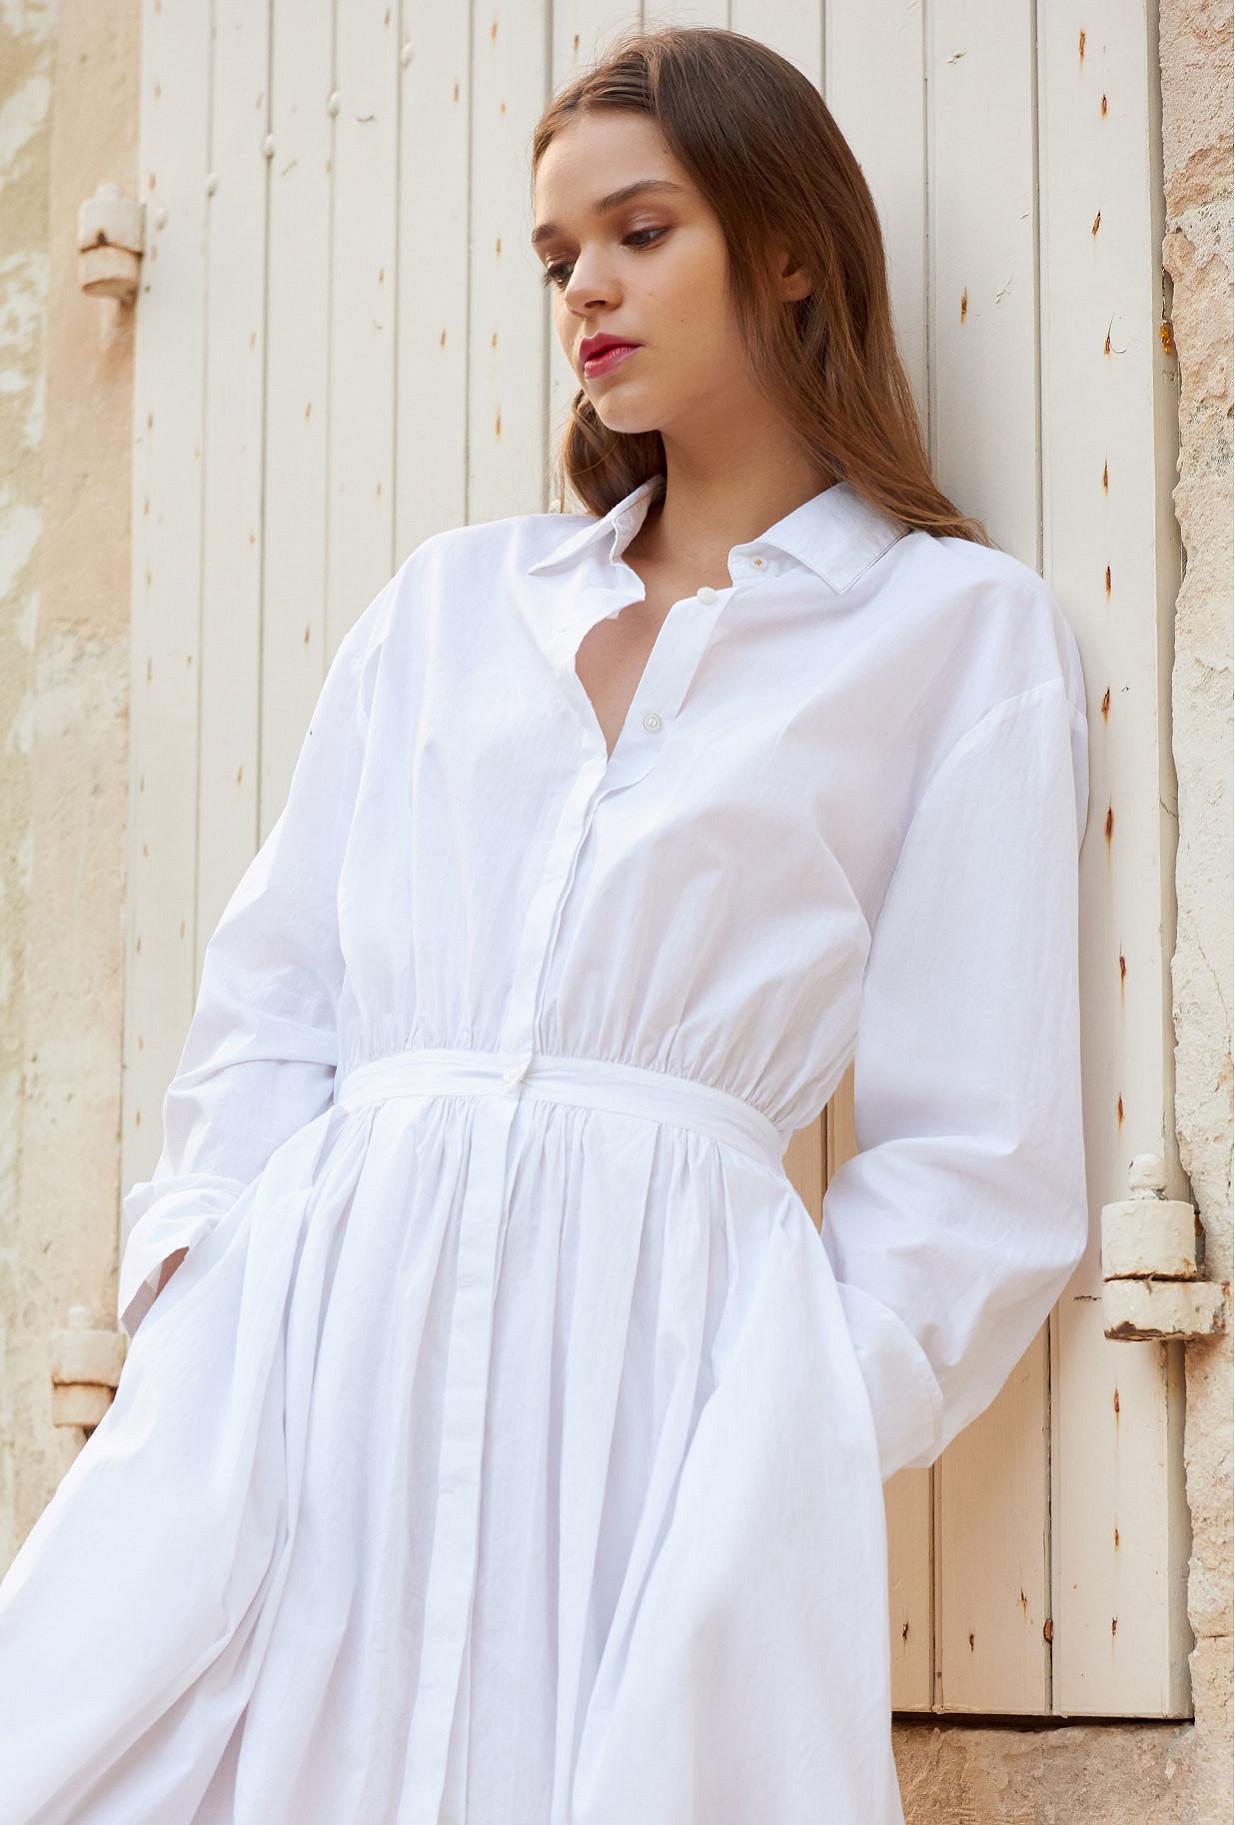 Robe Blanc  Claudel mes demoiselles paris vêtement femme paris